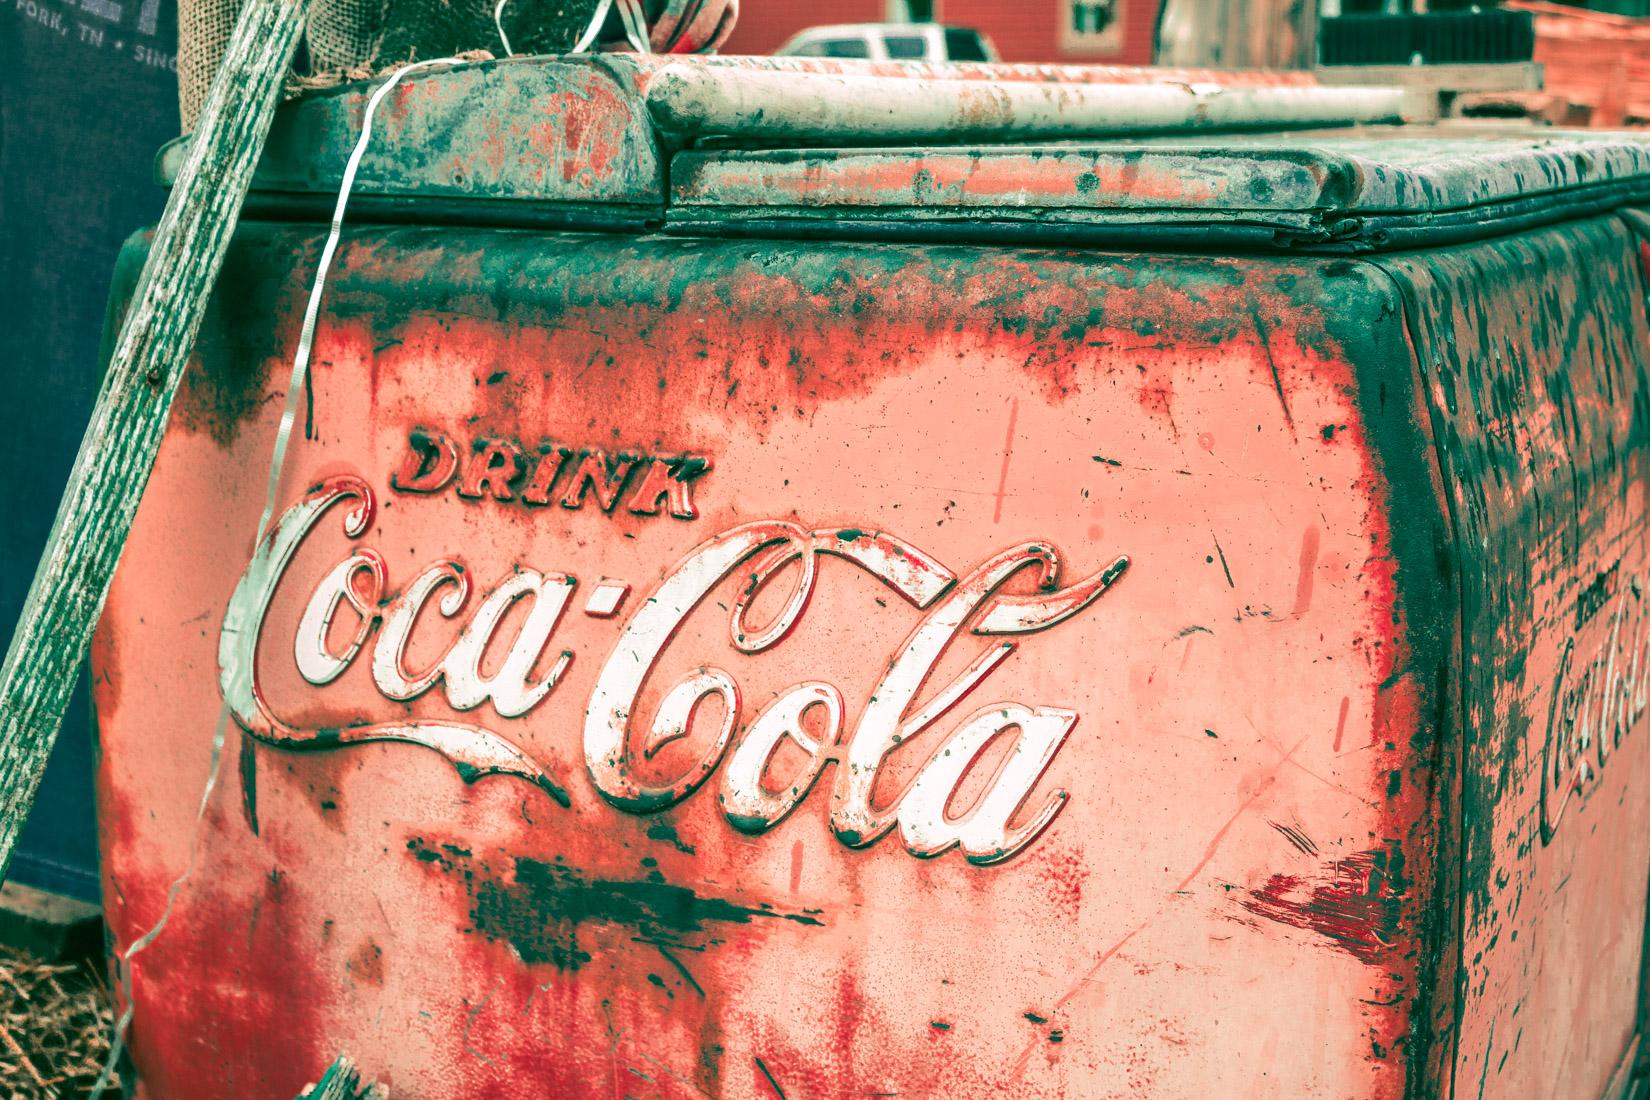 Rusty Coca-cola Cooler